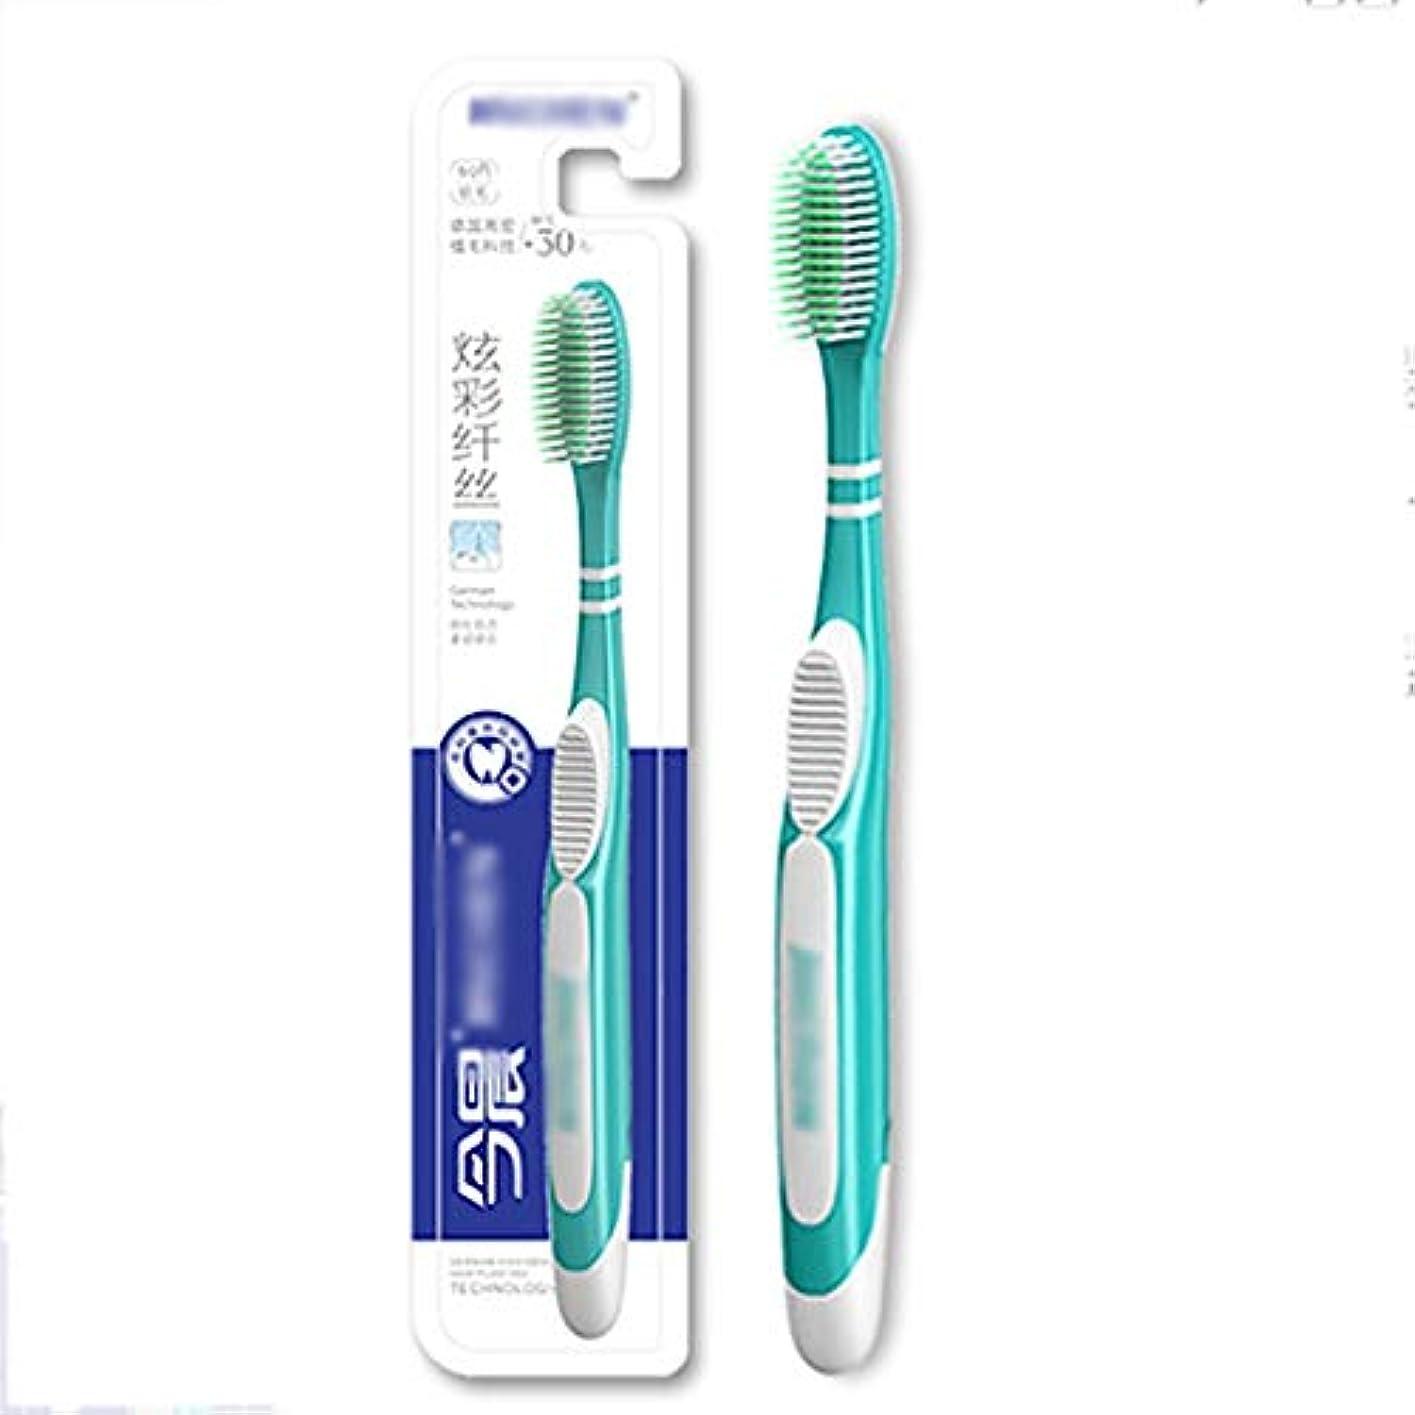 村確かめる返還歯ブラシの効率的な洗浄、ノンスリップハンドル歯ブラシ、10パック(ランダムカラー)